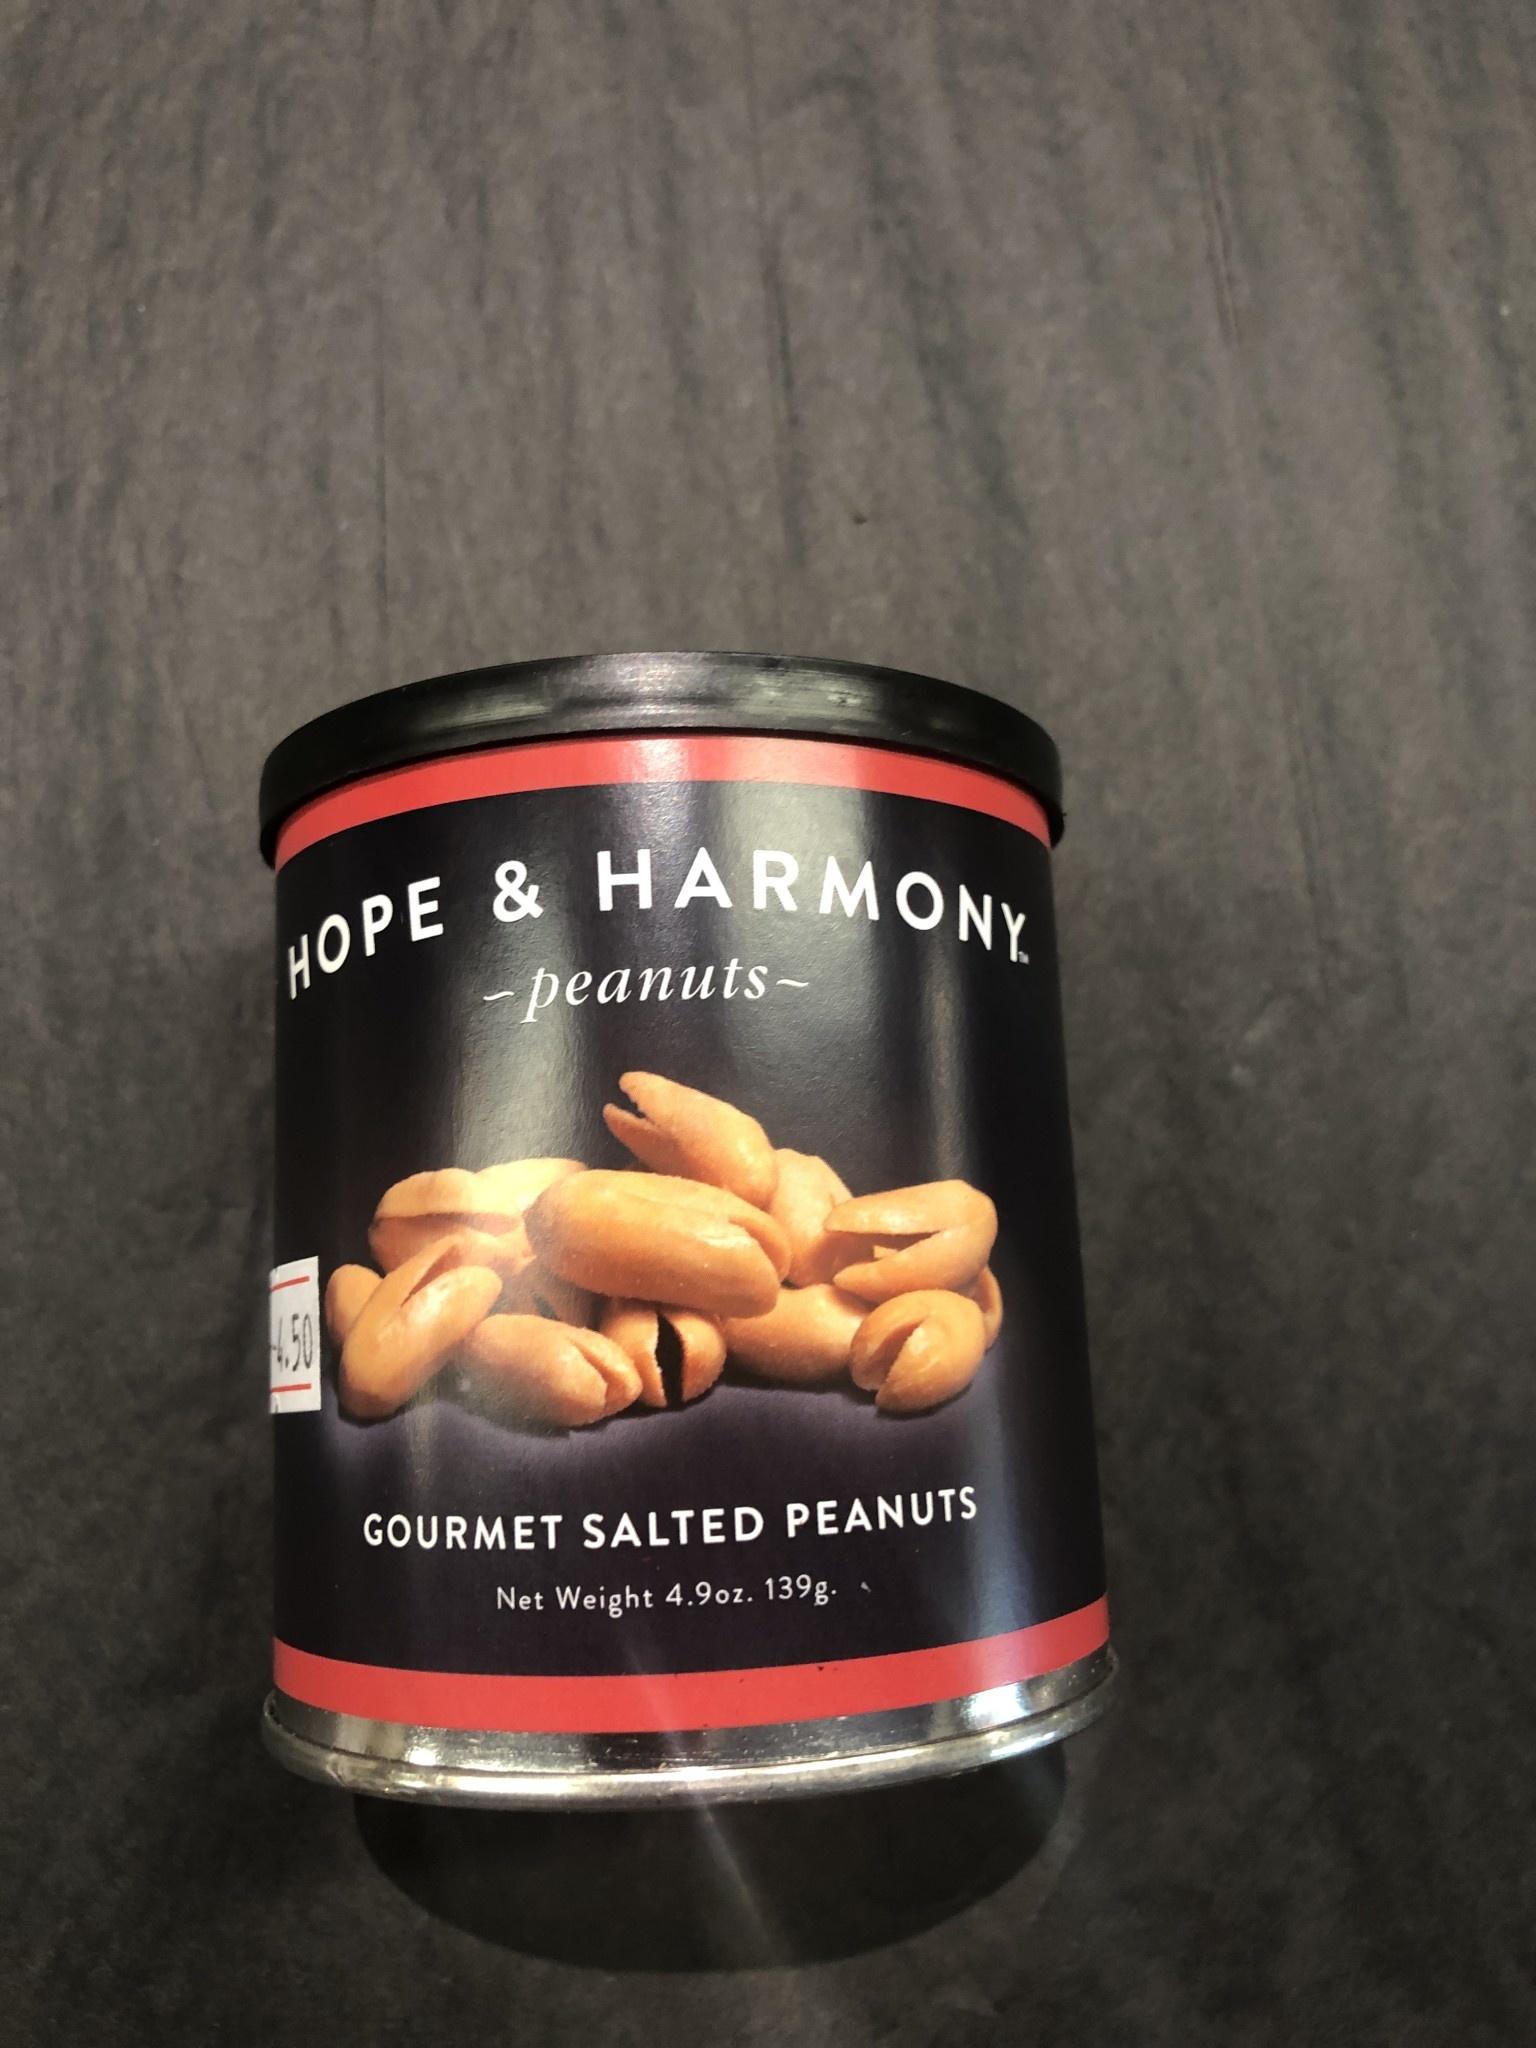 Plantation Peanuts of Wakefield Plantation Peanuts Hope & Harmony 4.9 oz. Gourmet Salted Peanuts